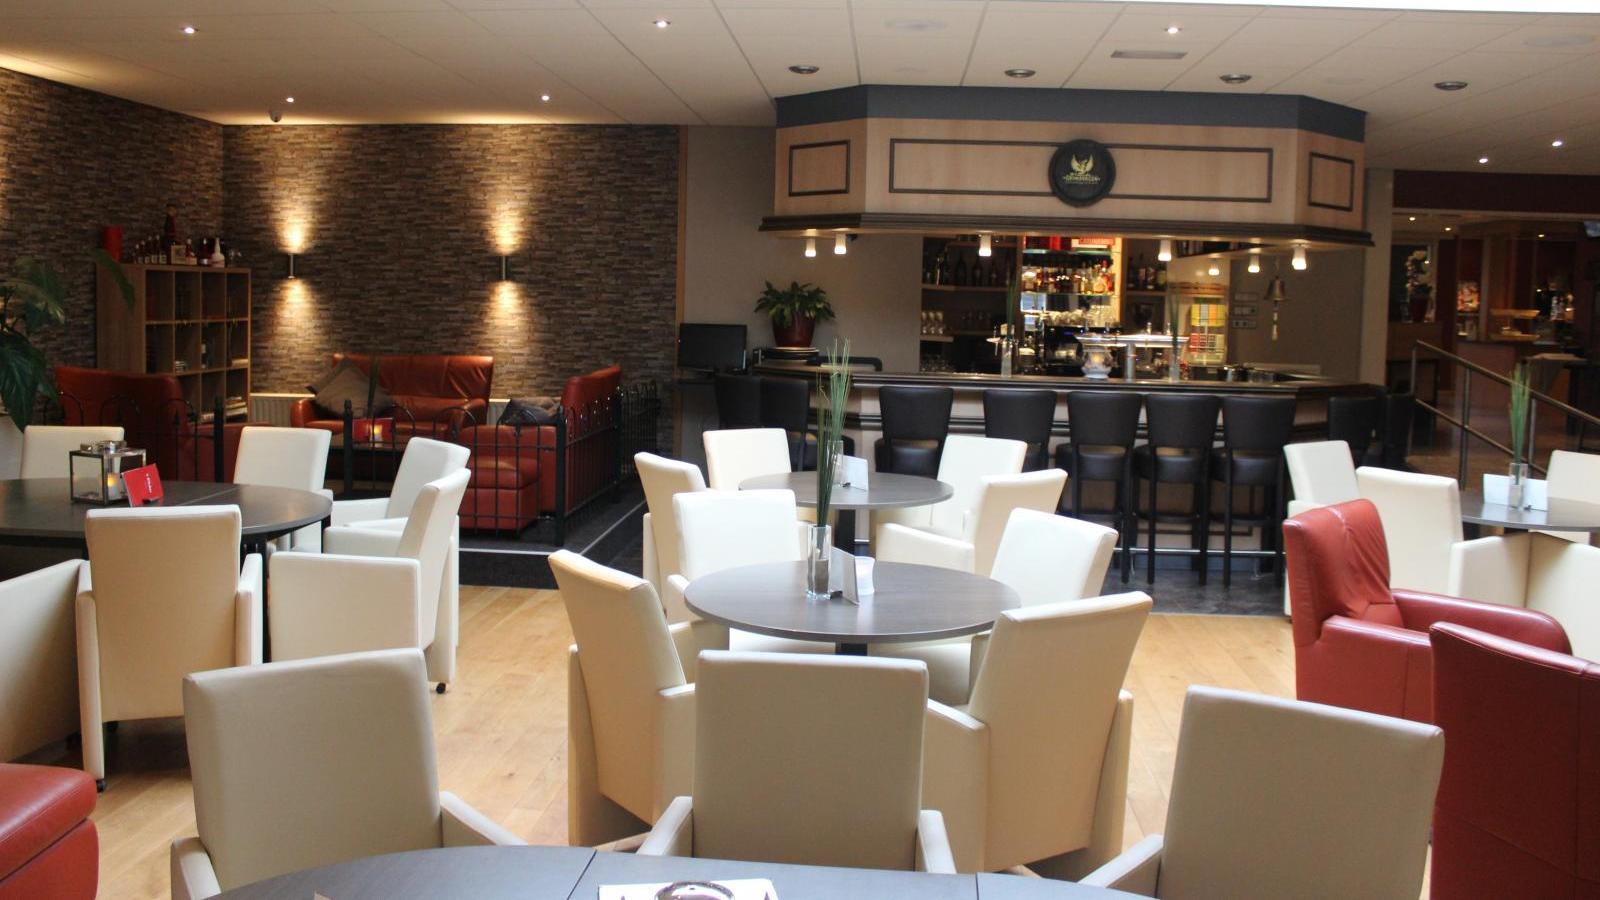 Hotel restaurant t klokje renesse